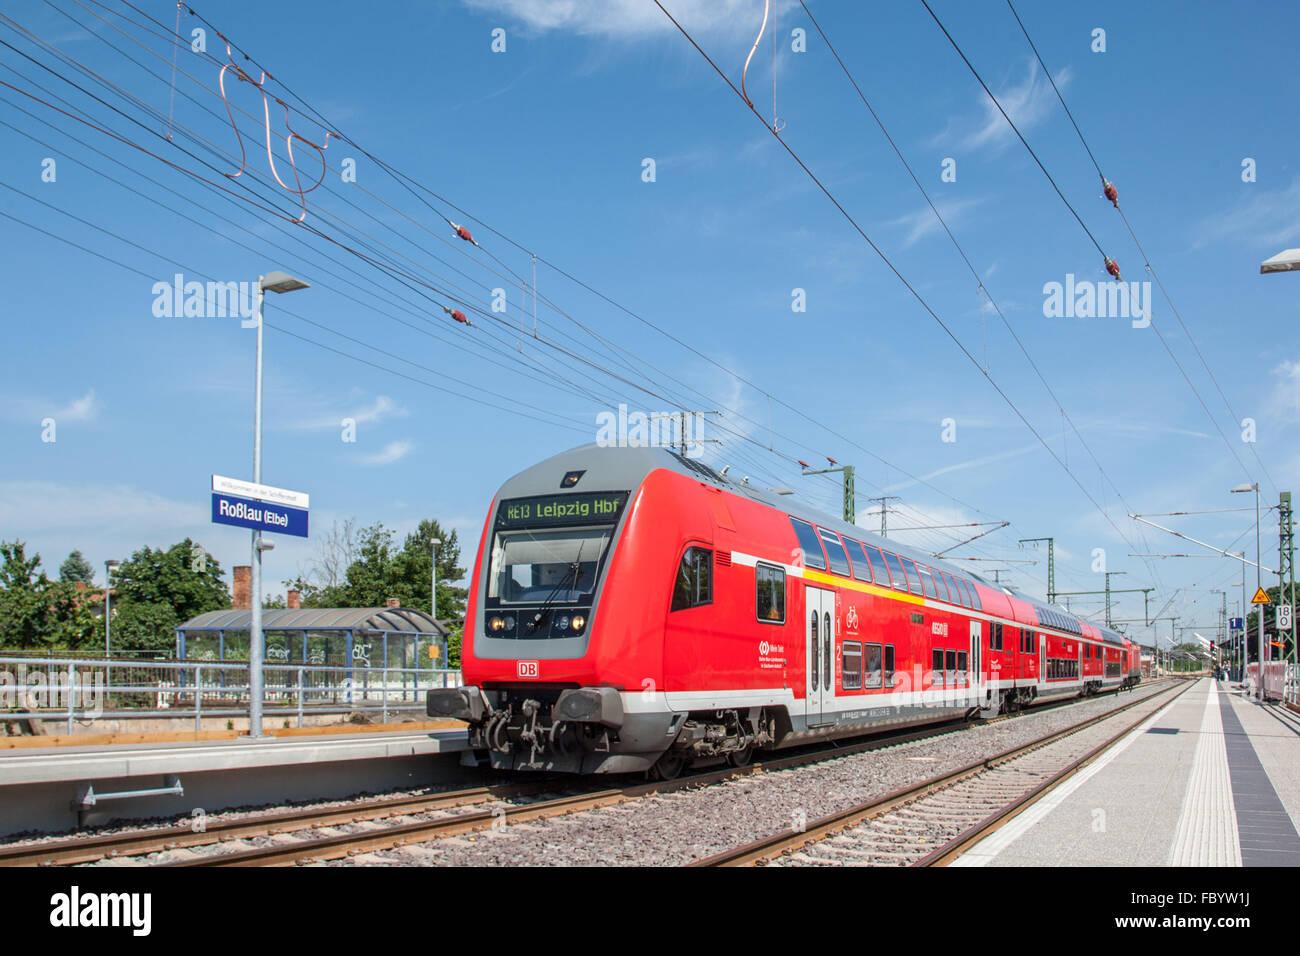 Bahnhof von Roßlau nach Modernisierung Stockbild